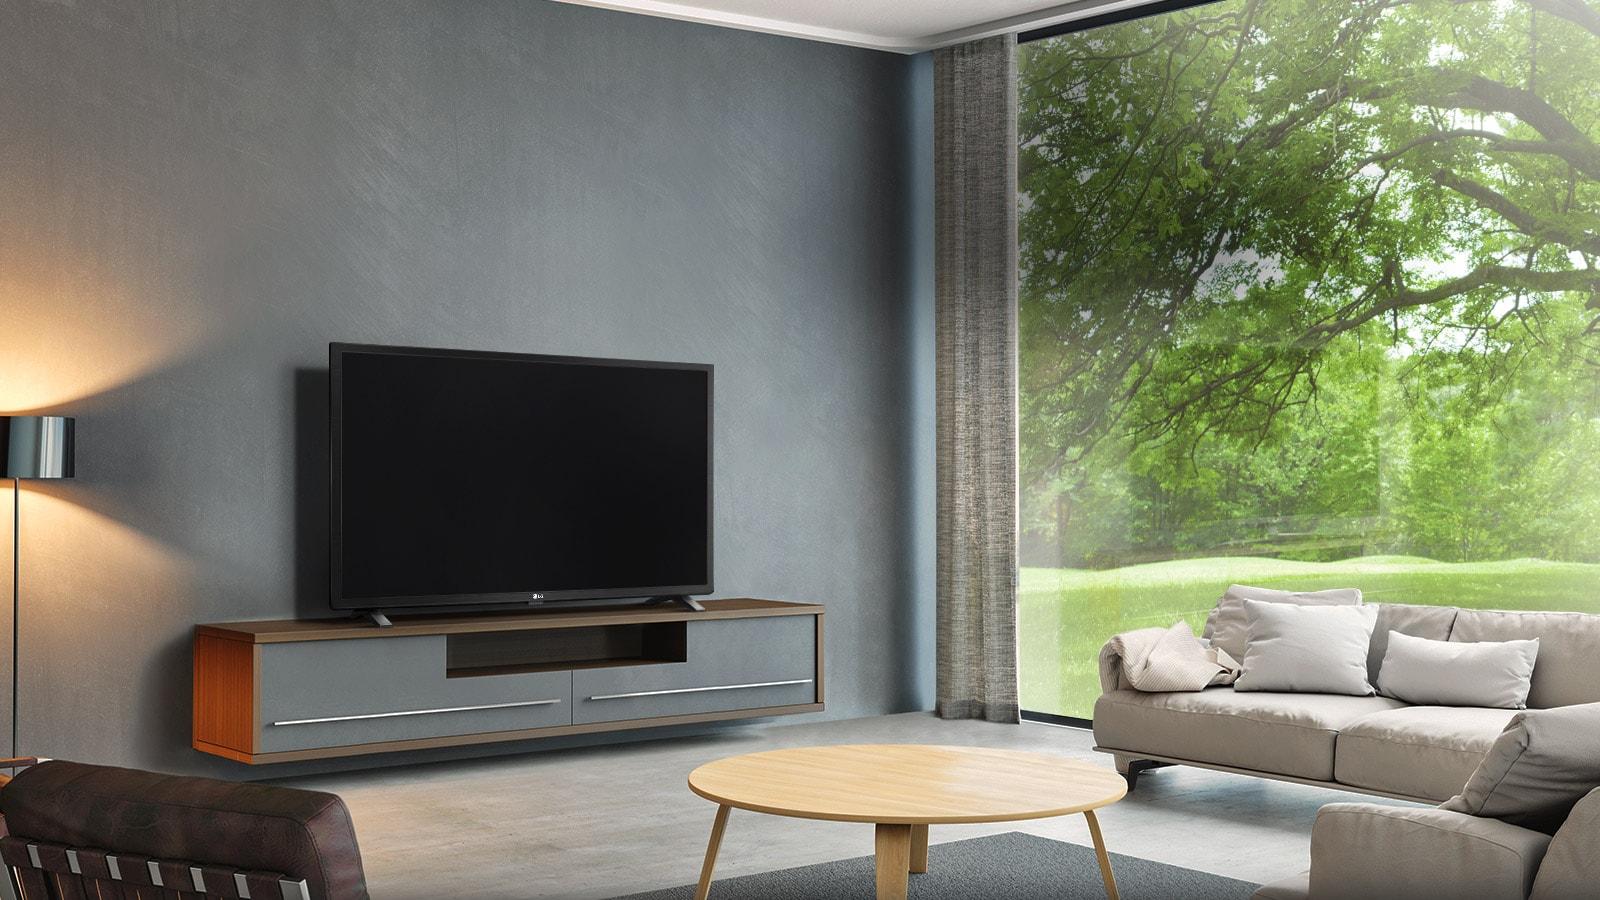 TV-HD-32-LM63-09-Thiết kế-Máy tính để bàn_V02